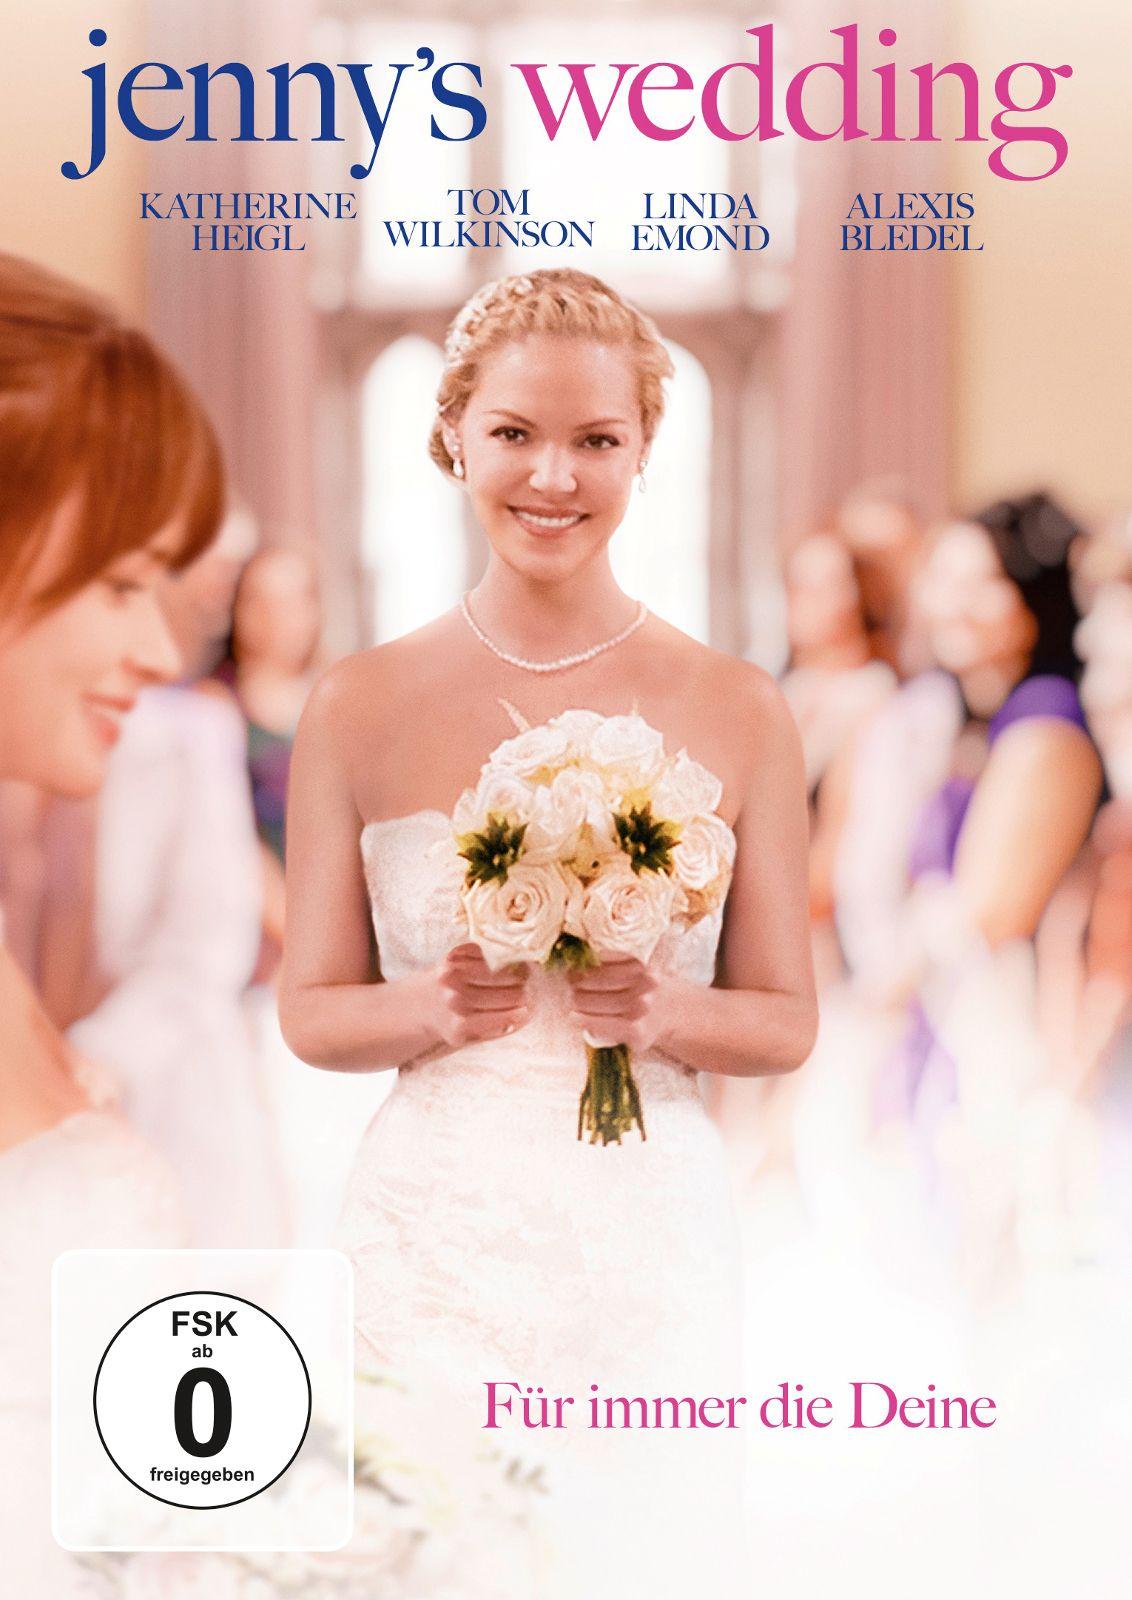 Jenny S Wedding Film Hochzeit Hochzeitsplanung Katherine Heigl